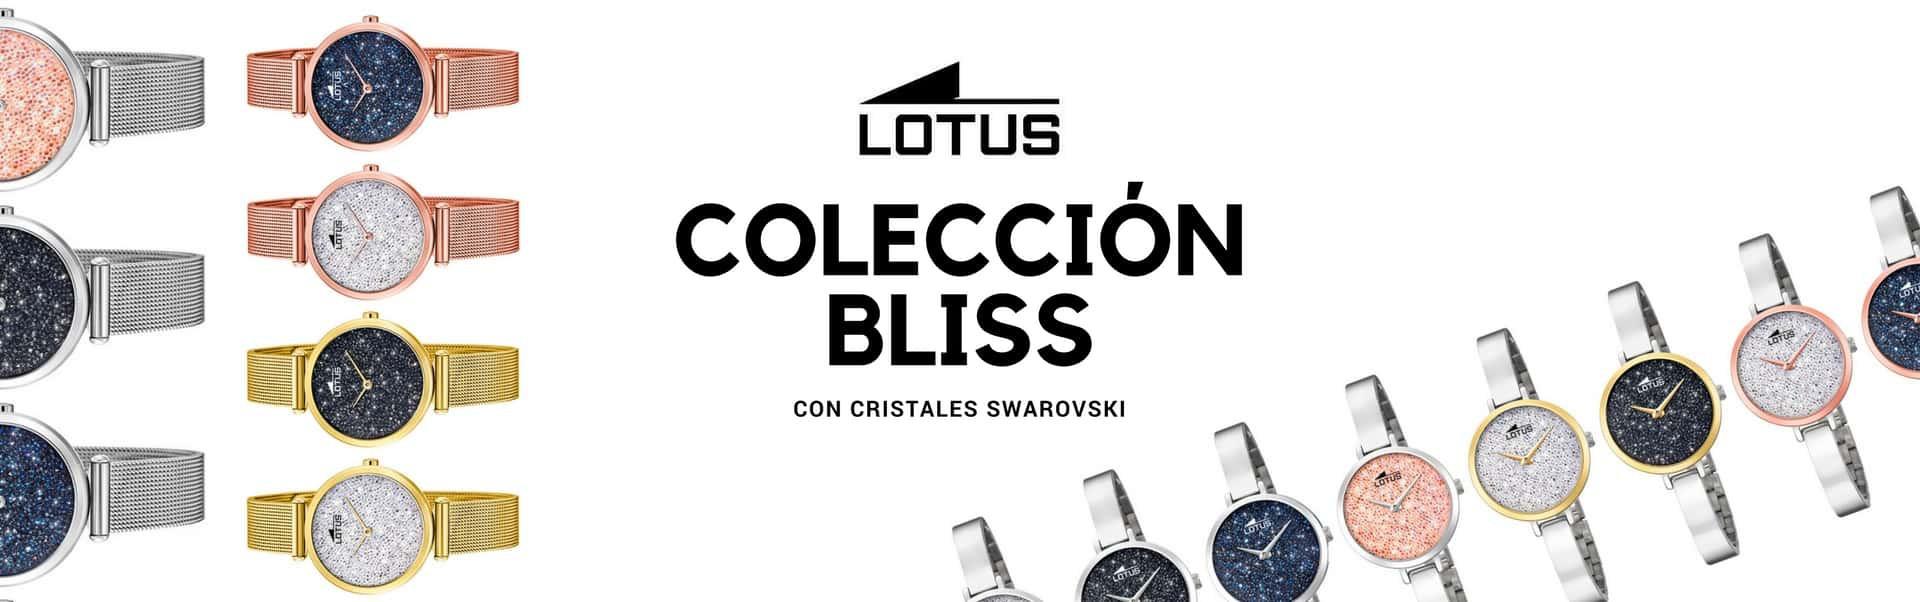 Lotus Bliss Swarovski